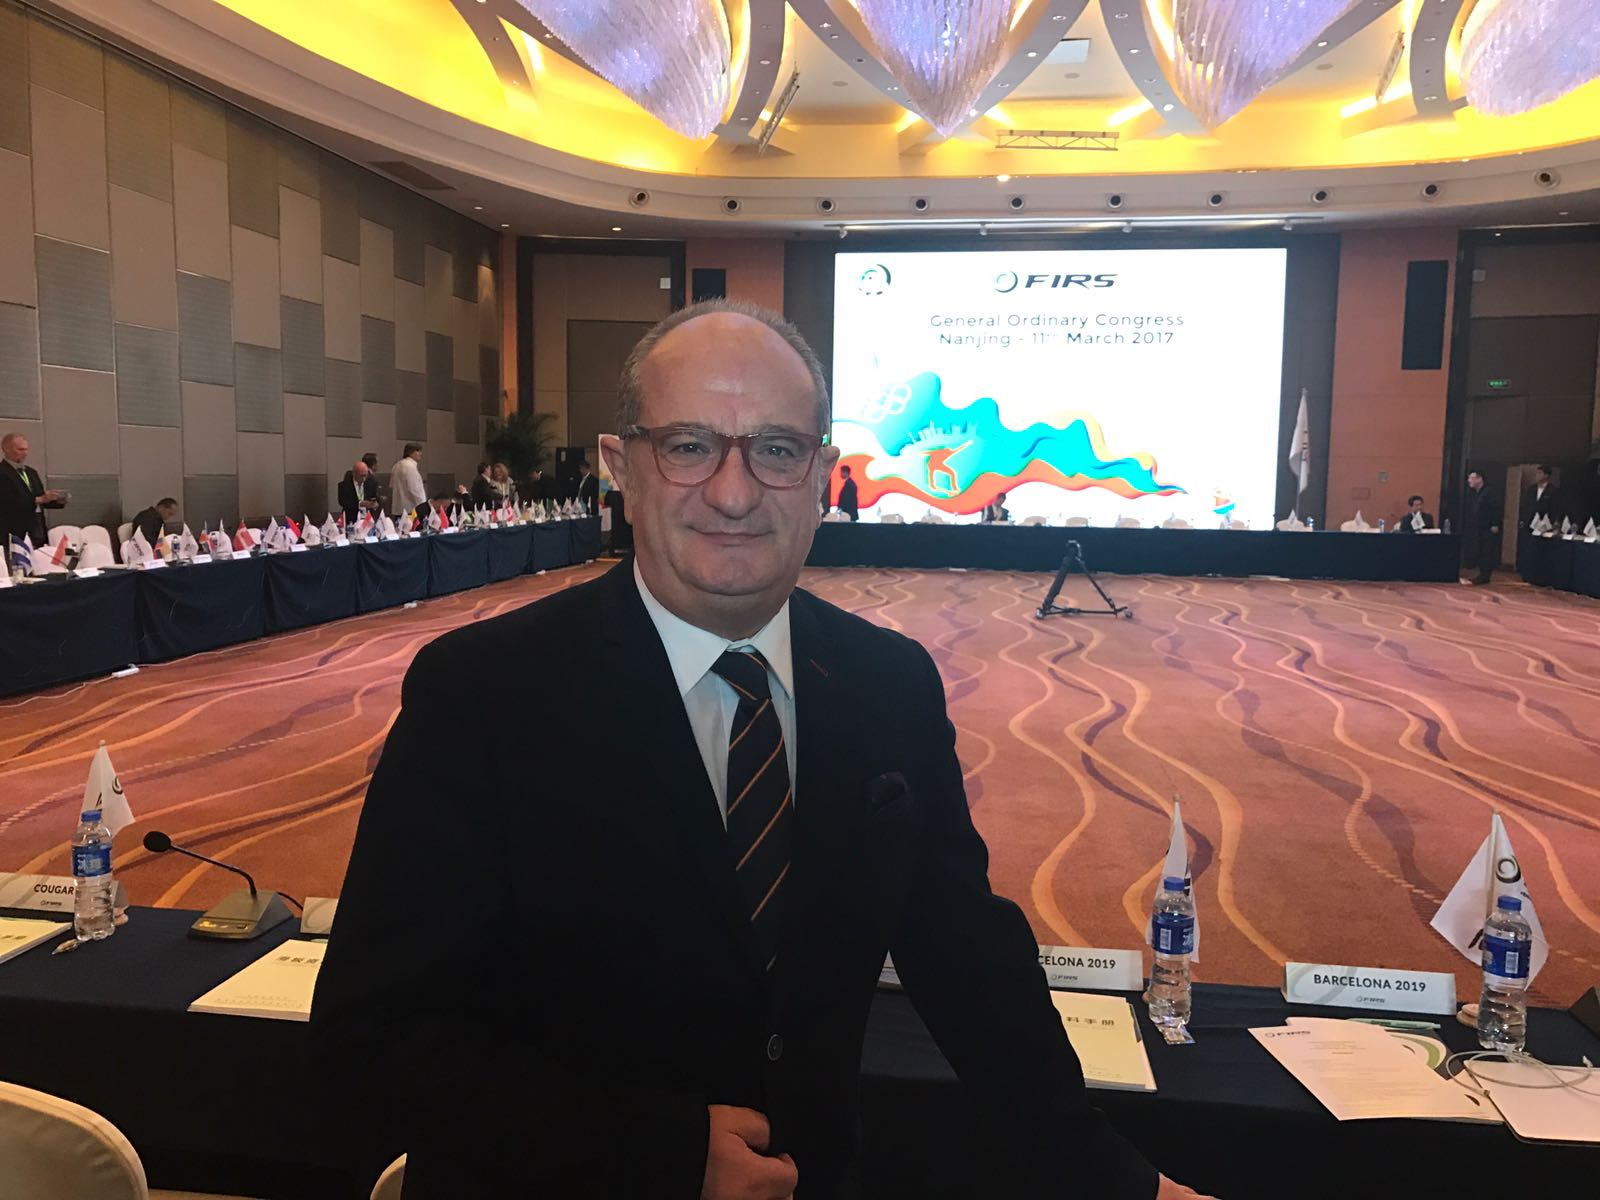 Carmelo Paniagua nombrado Presidente del Comité Internacional del Hockey sobre Patines (CIRH) en Nanjing (China)